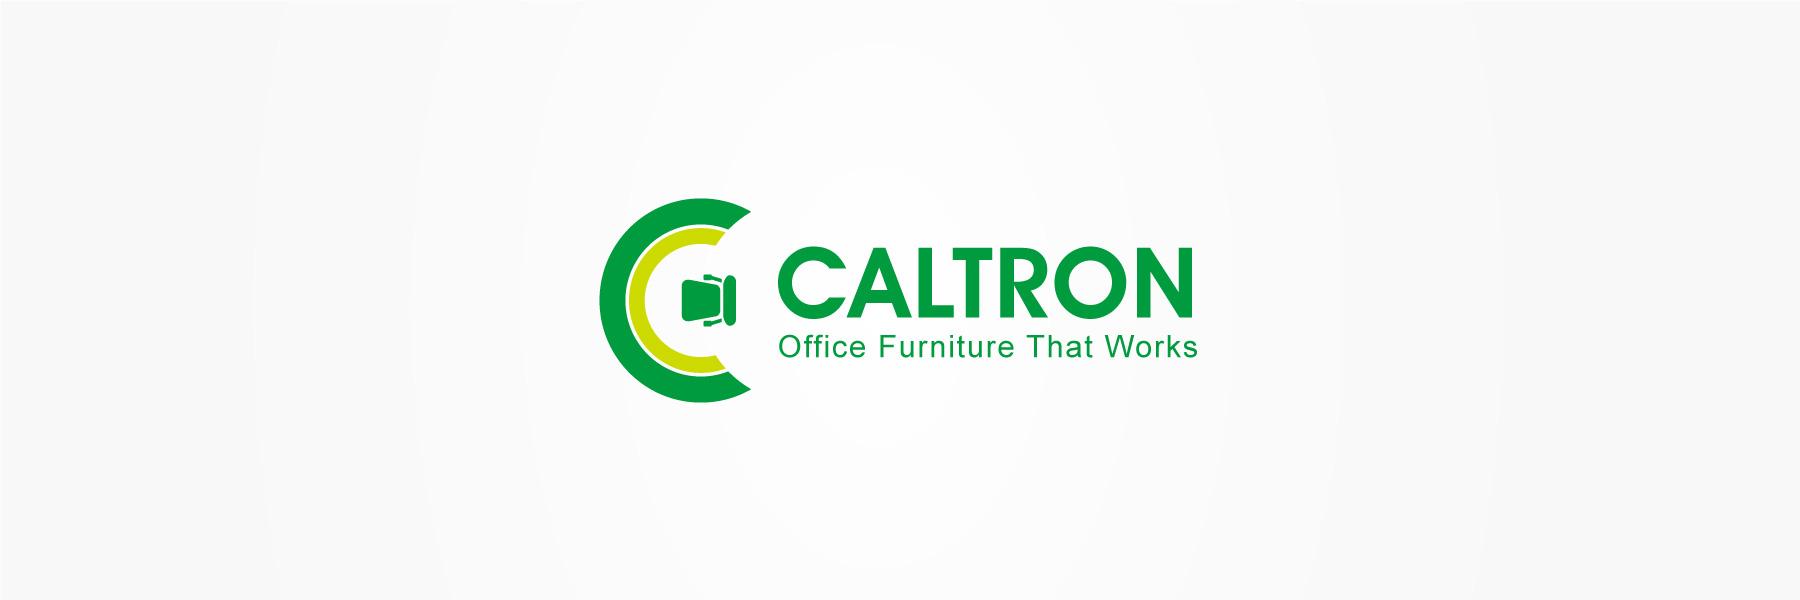 Caltron-logo-design